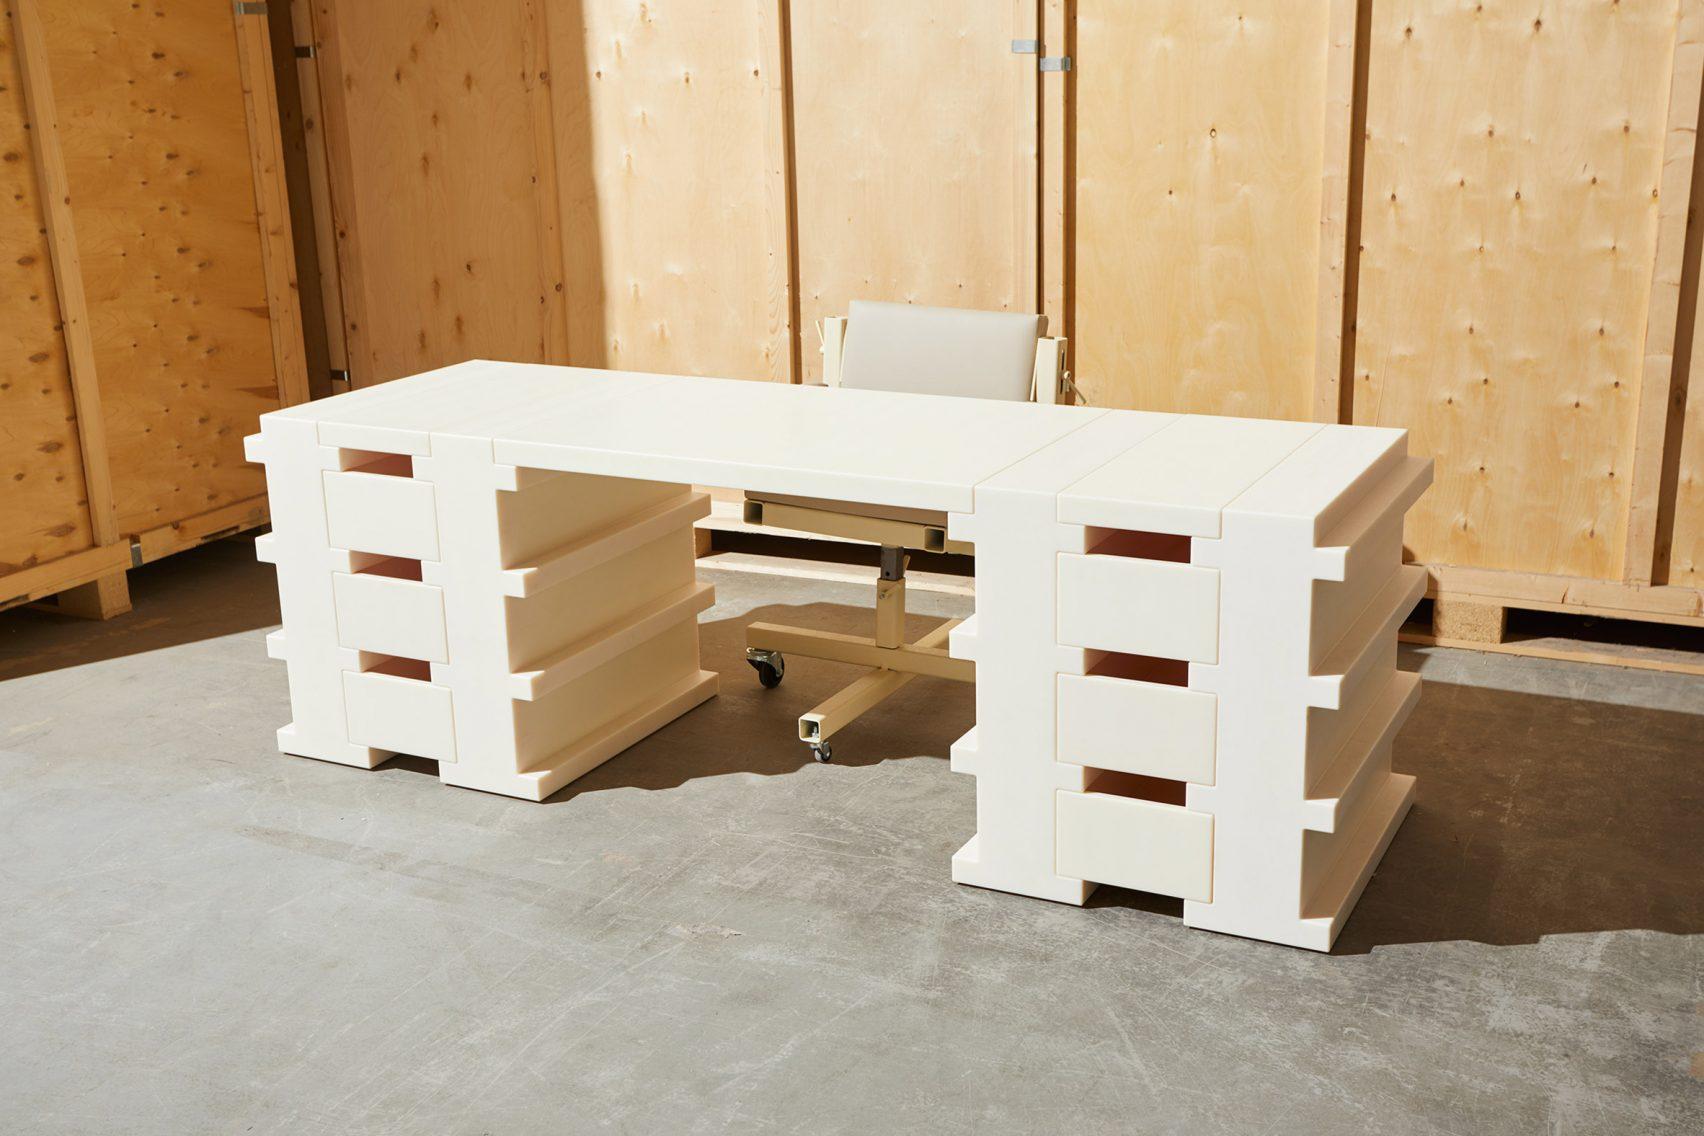 design-miami-basel-philippe-malouin-design-furniture_dezeen_2364_col_3-1704x1136.jpg